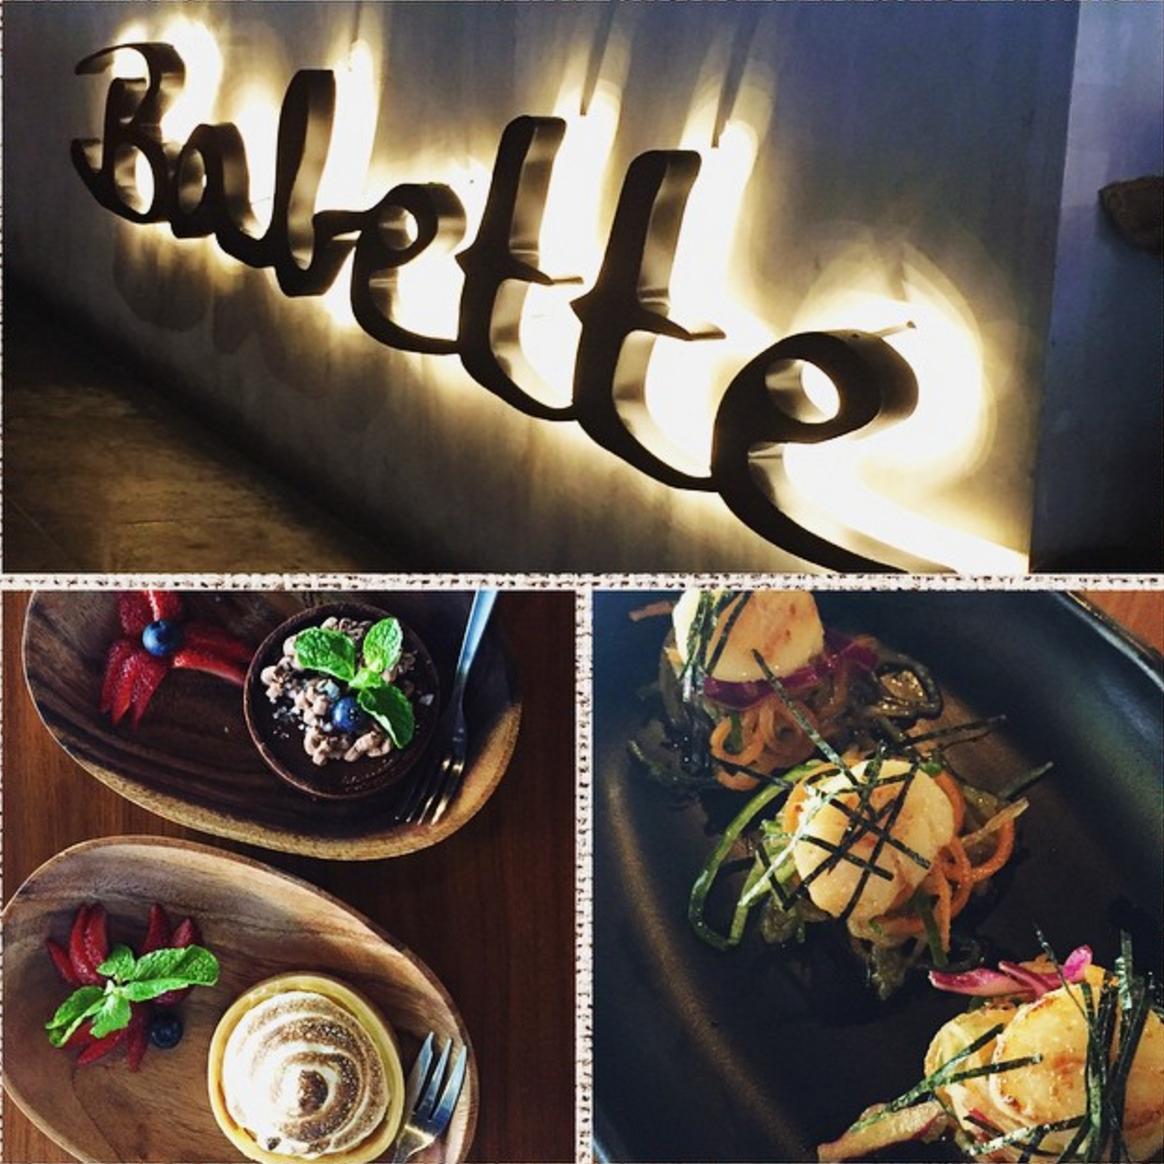 【ハロアジグルメ】 シンガポール和食フュージョン料理、Babette Restaurant